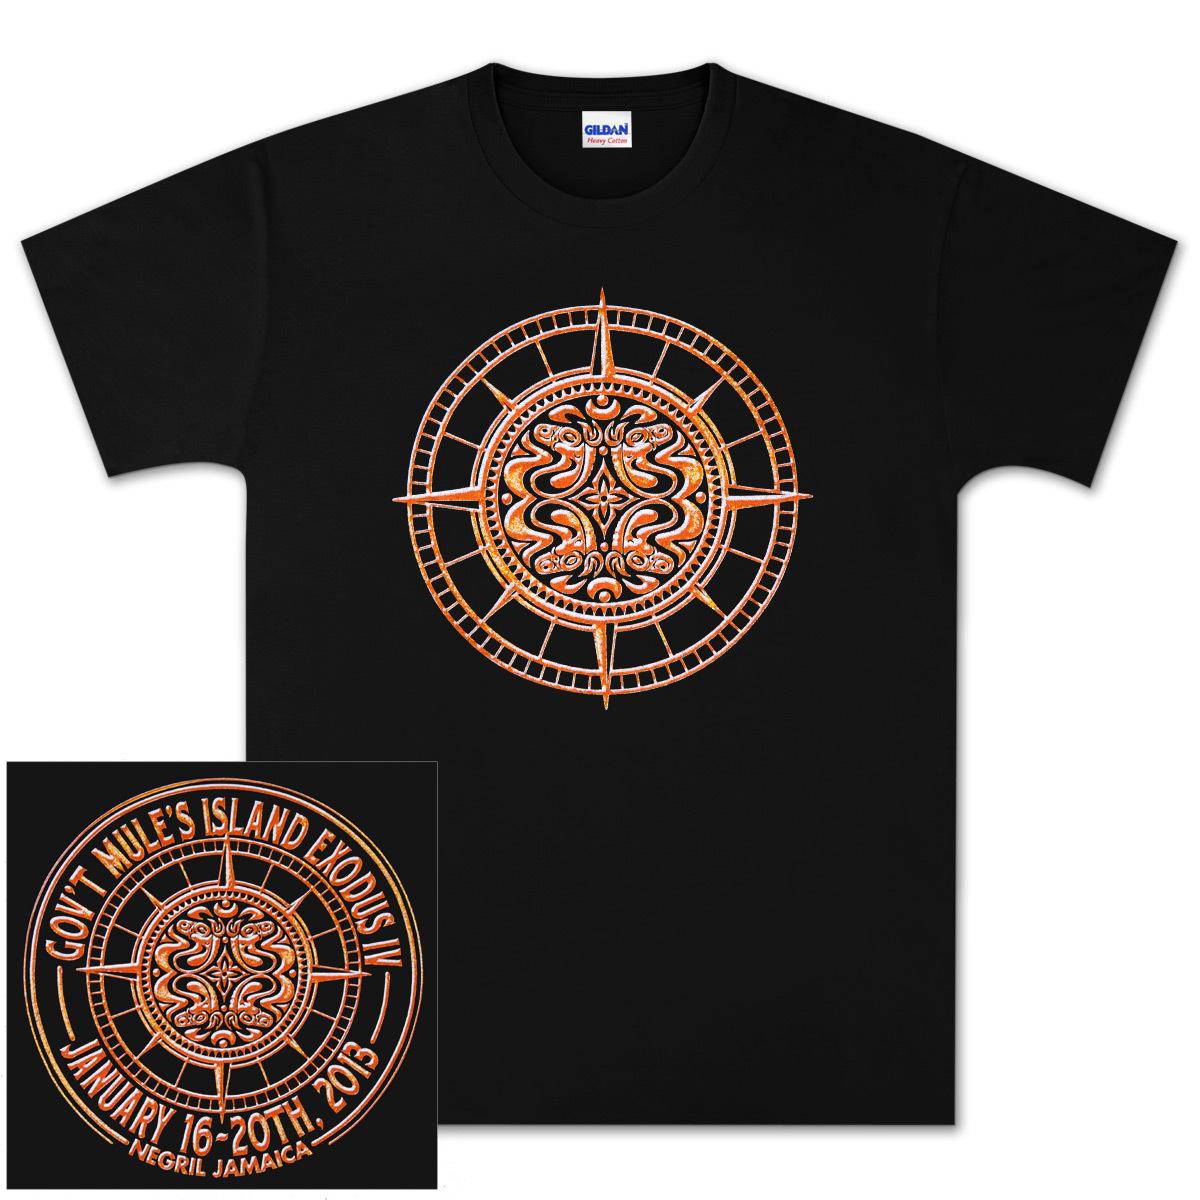 Gov't Mule Island Exodus 2013 IV Black T-Shirt